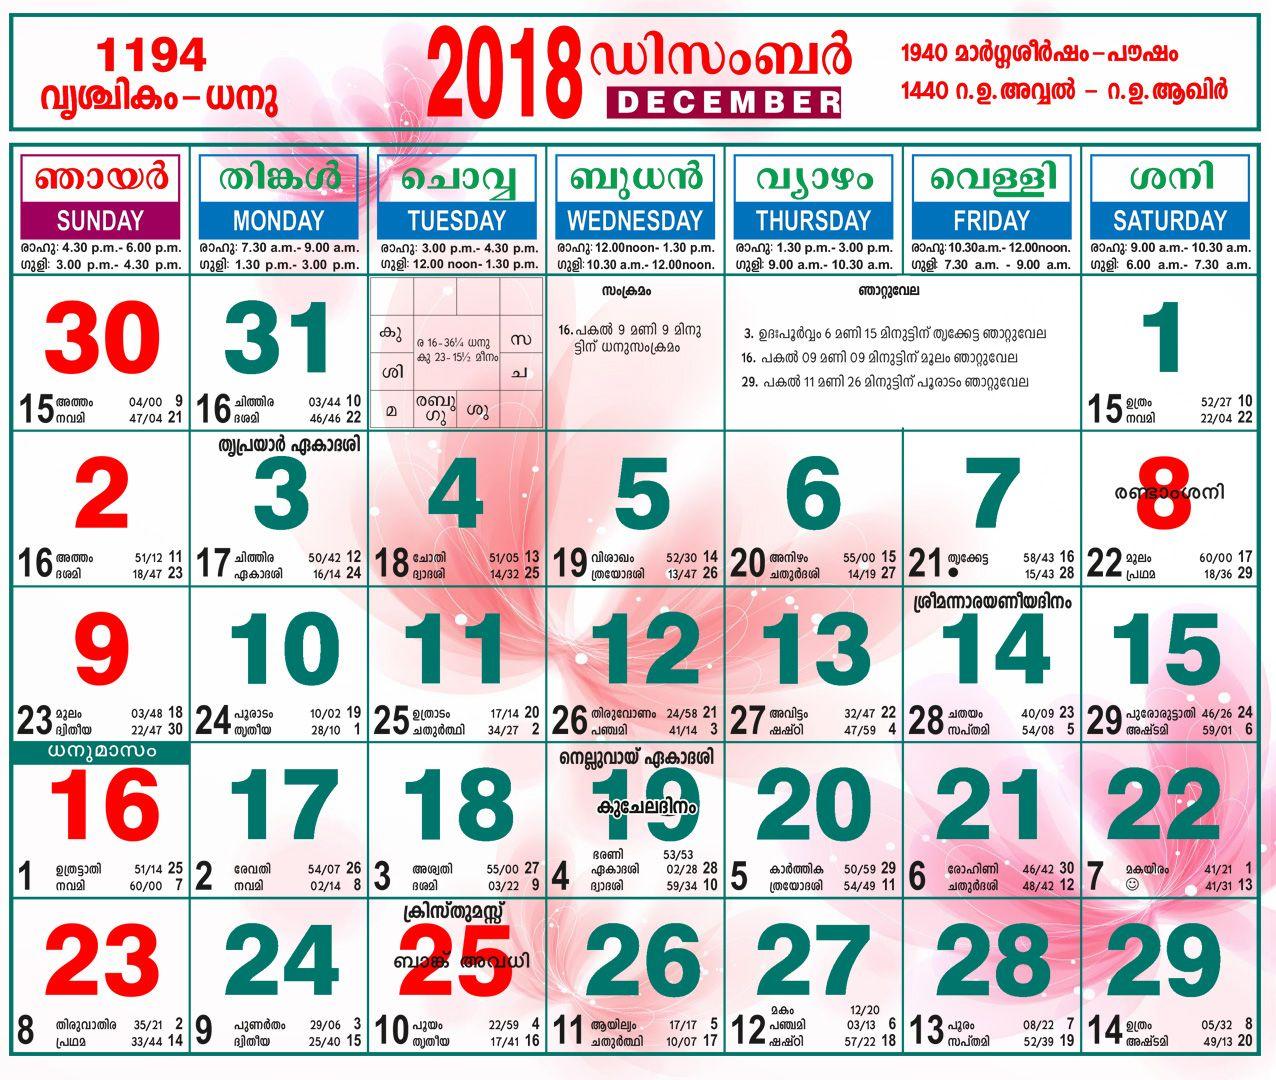 December 2018 Malayalam Calendar | Malayalam Calendar regarding October 2018 Calendar Malayalam